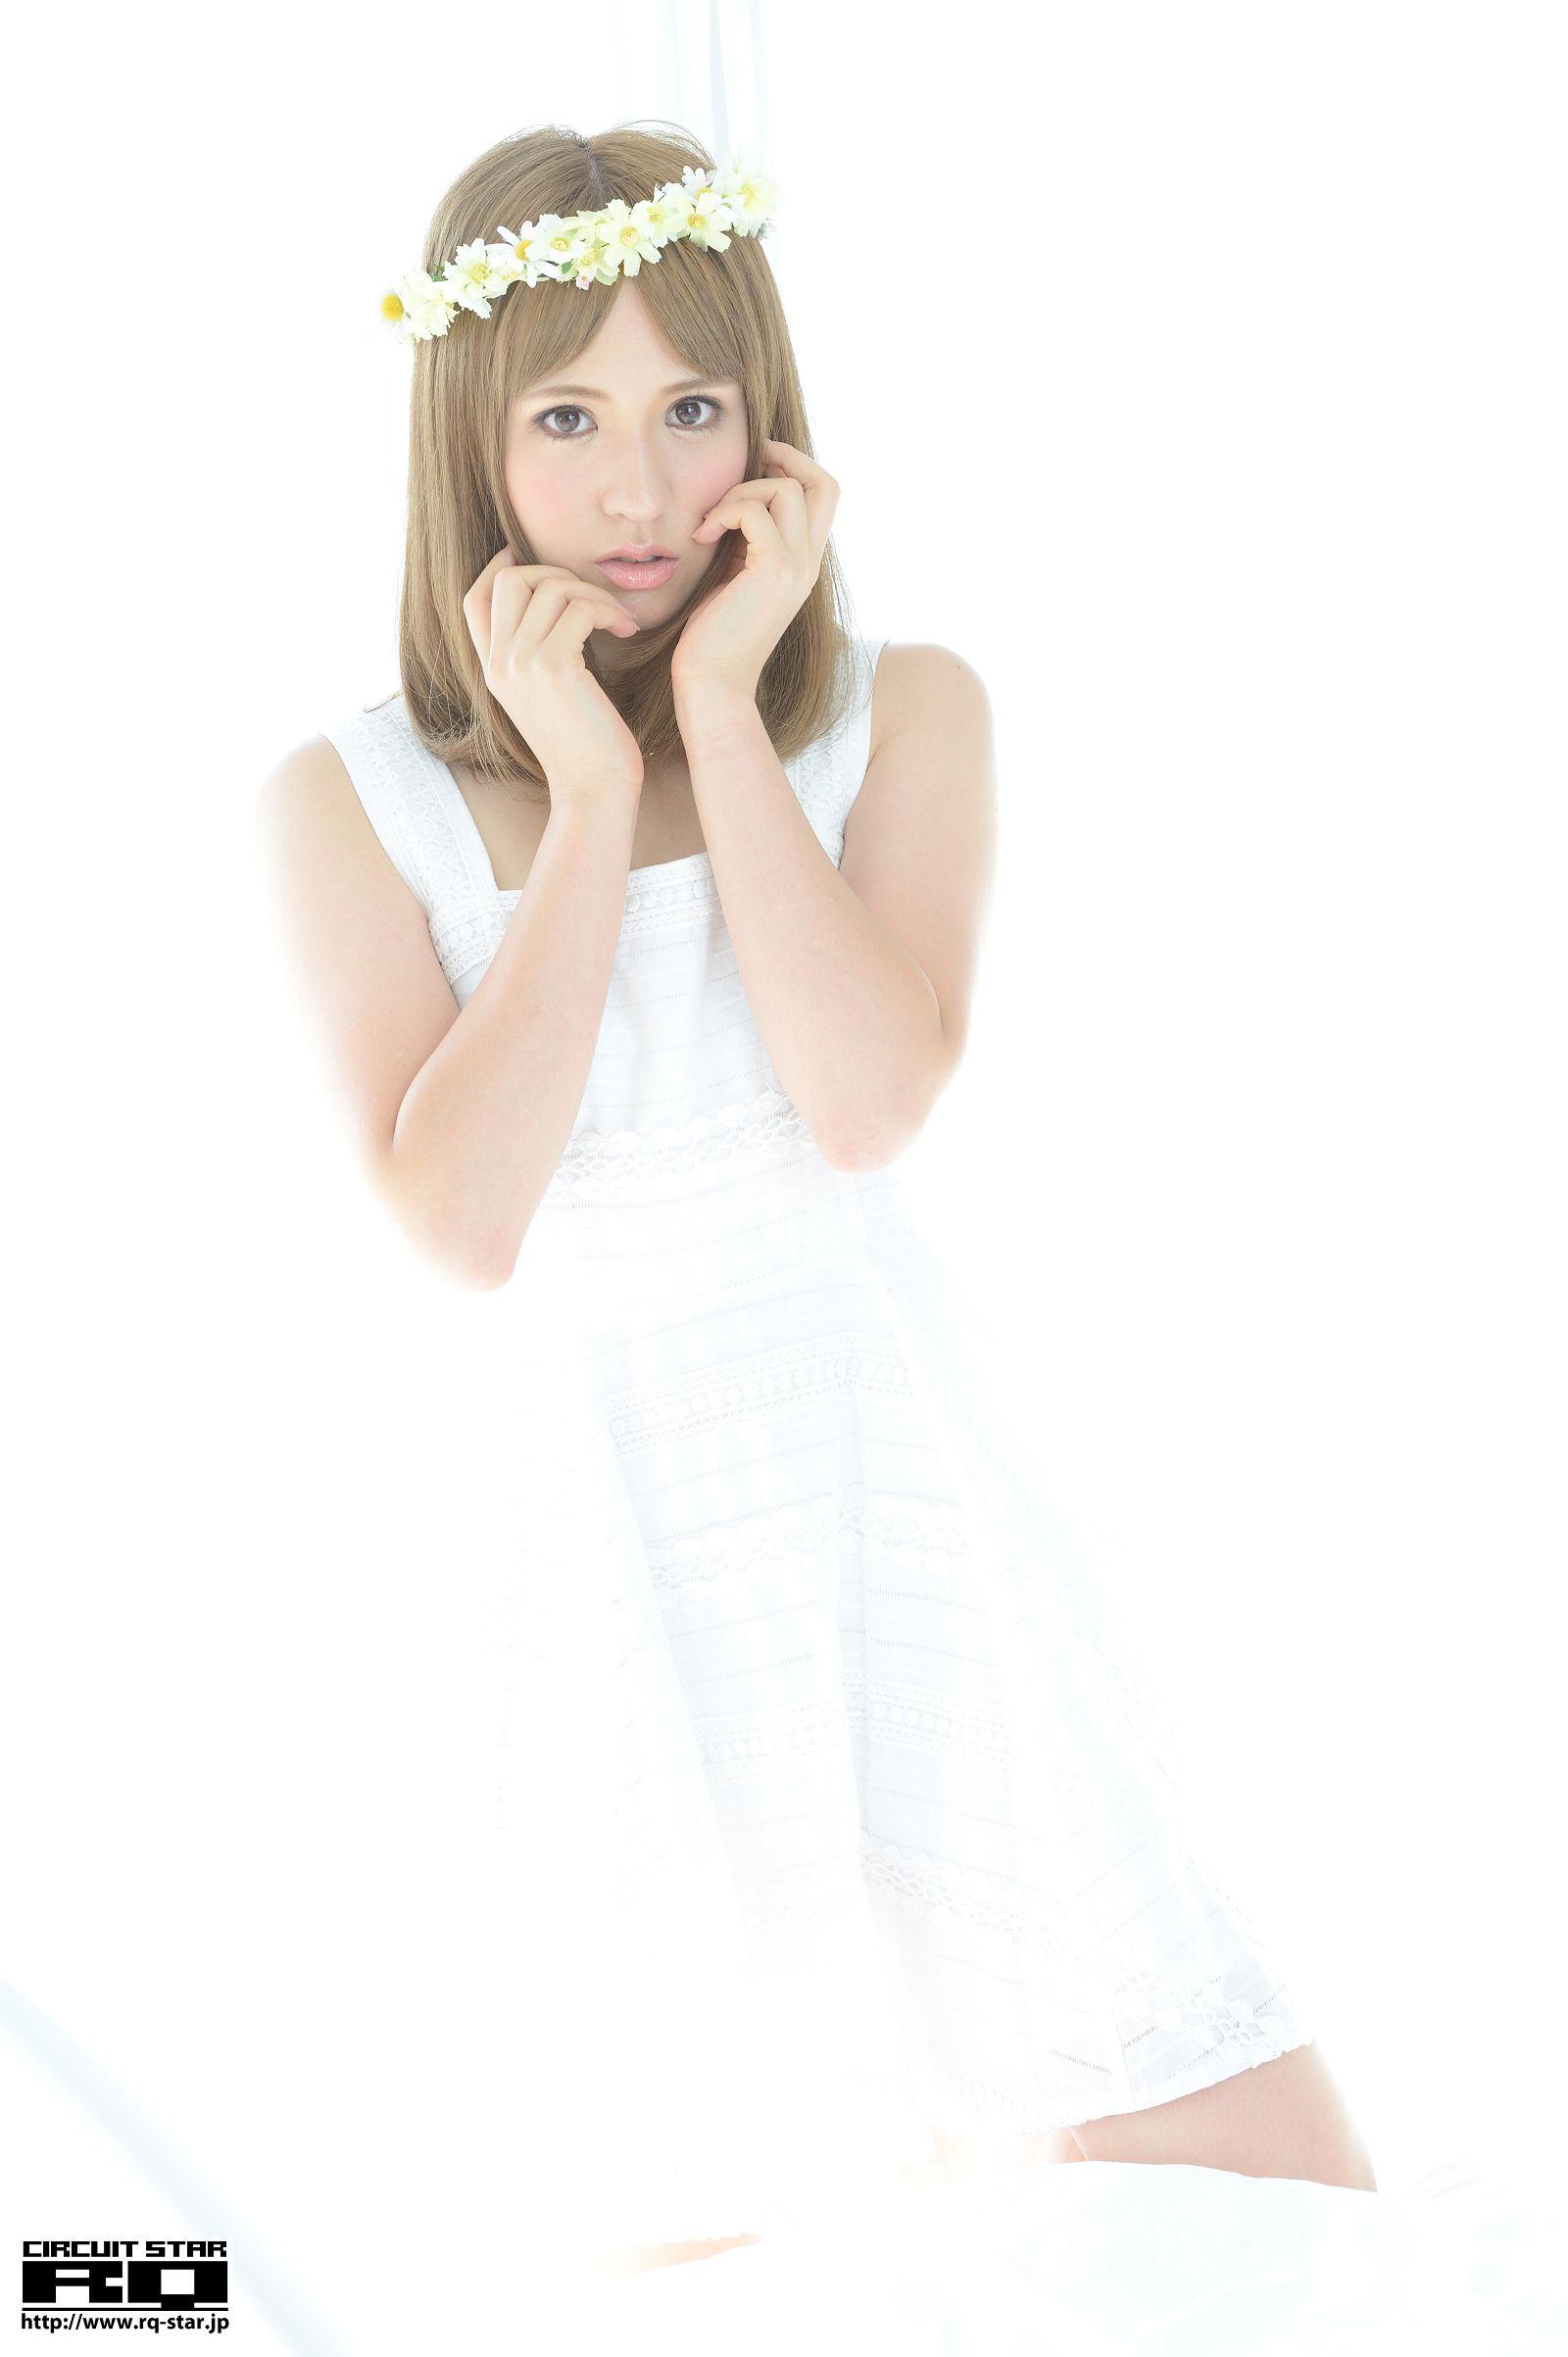 [RQ STAR美女] NO.00934 Nozomi Misaki 心咲のぞみ Room Wear[58P] RQ STAR 第2张